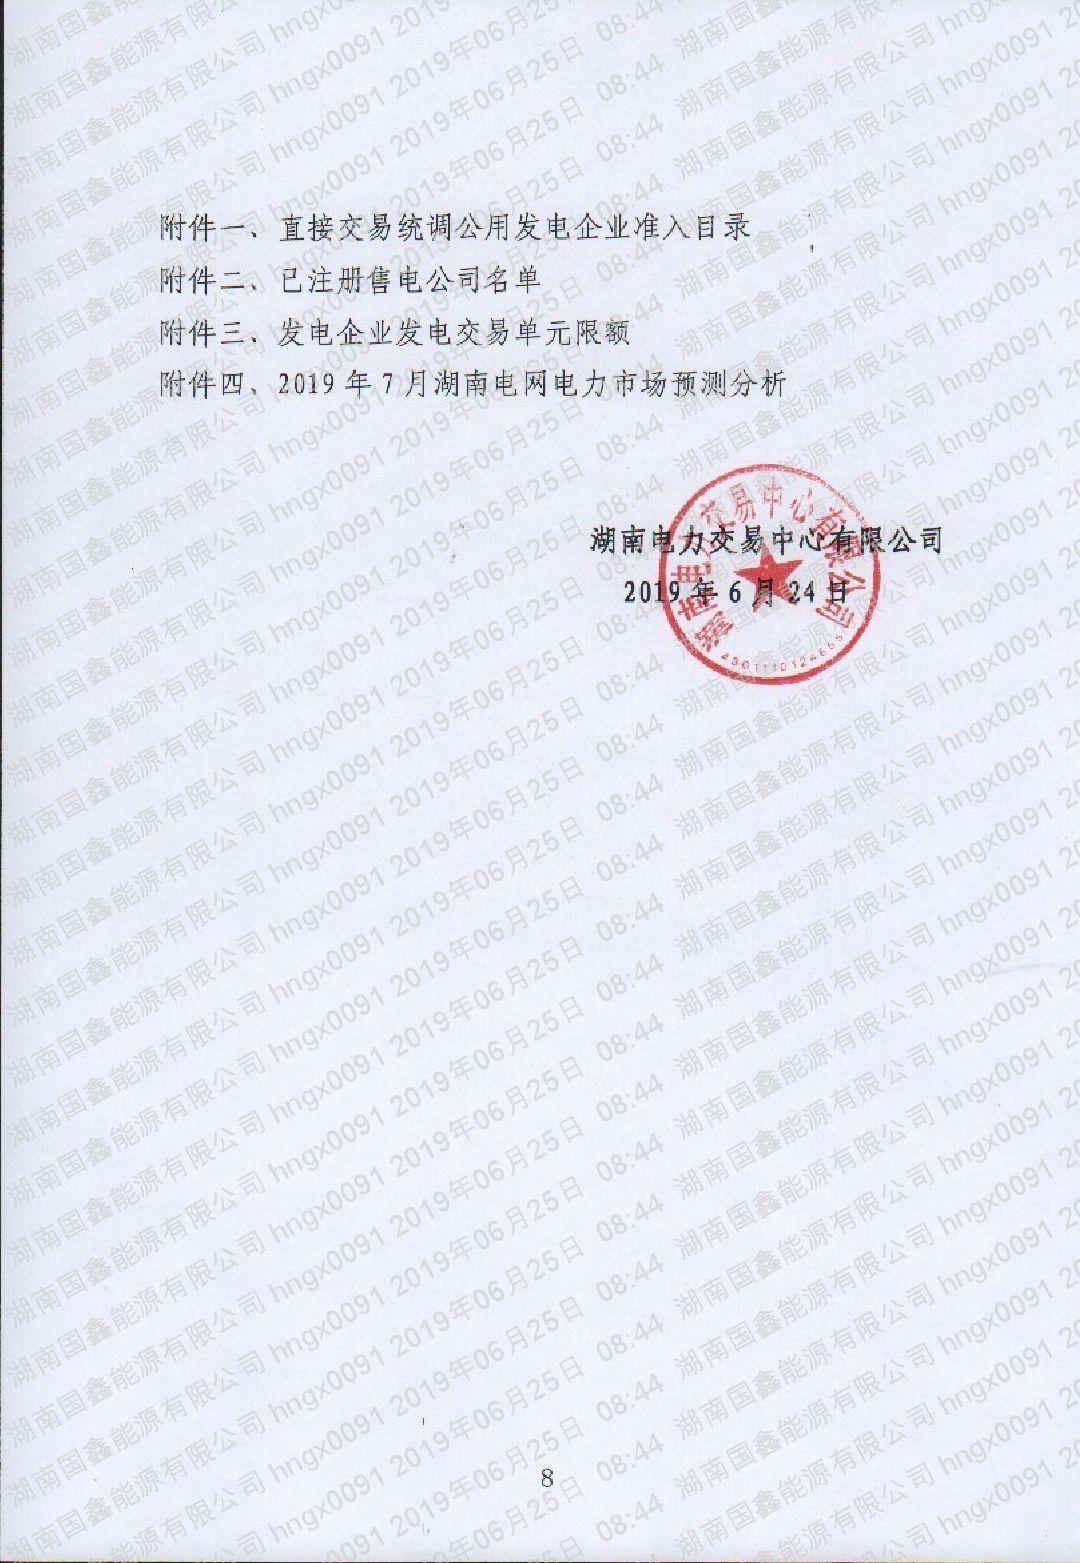 湖南電力交易中心有限公司關于2019年7月電力市場交易的公告(2019年13號).pdf_page_8_compressed_compressed.jpg